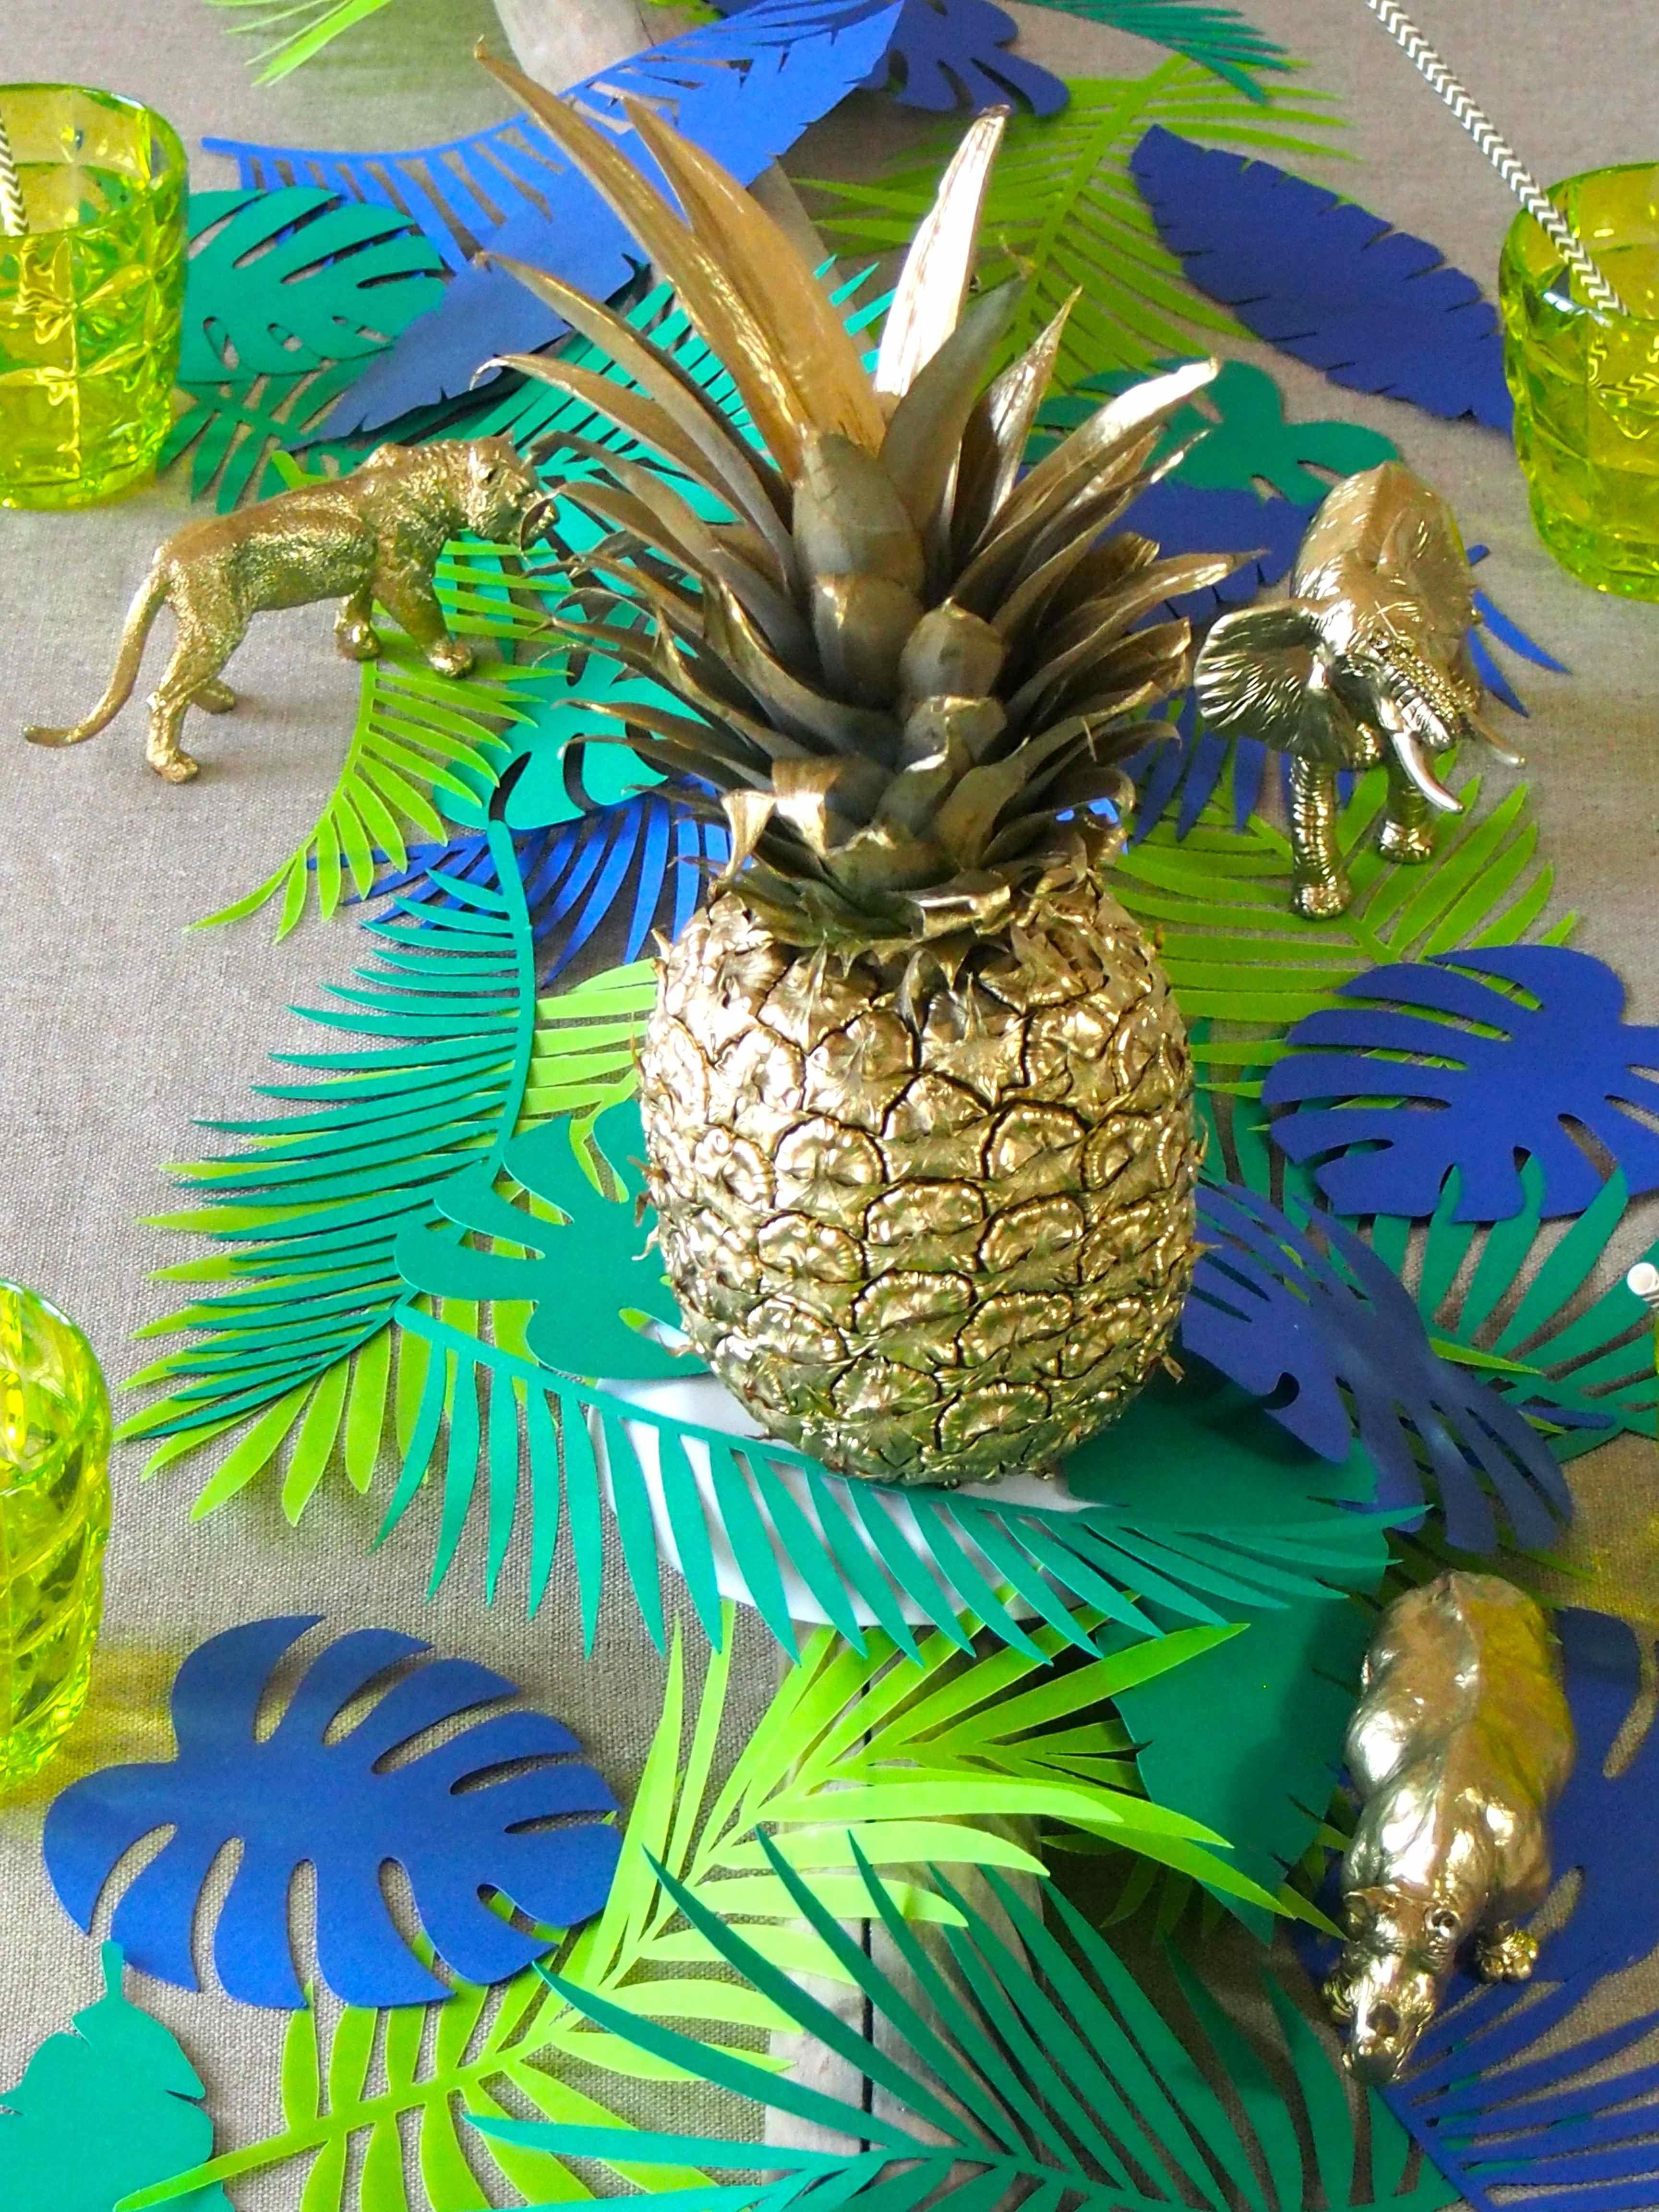 jungle fever rose caramelle carnet d 39 inspiration. Black Bedroom Furniture Sets. Home Design Ideas